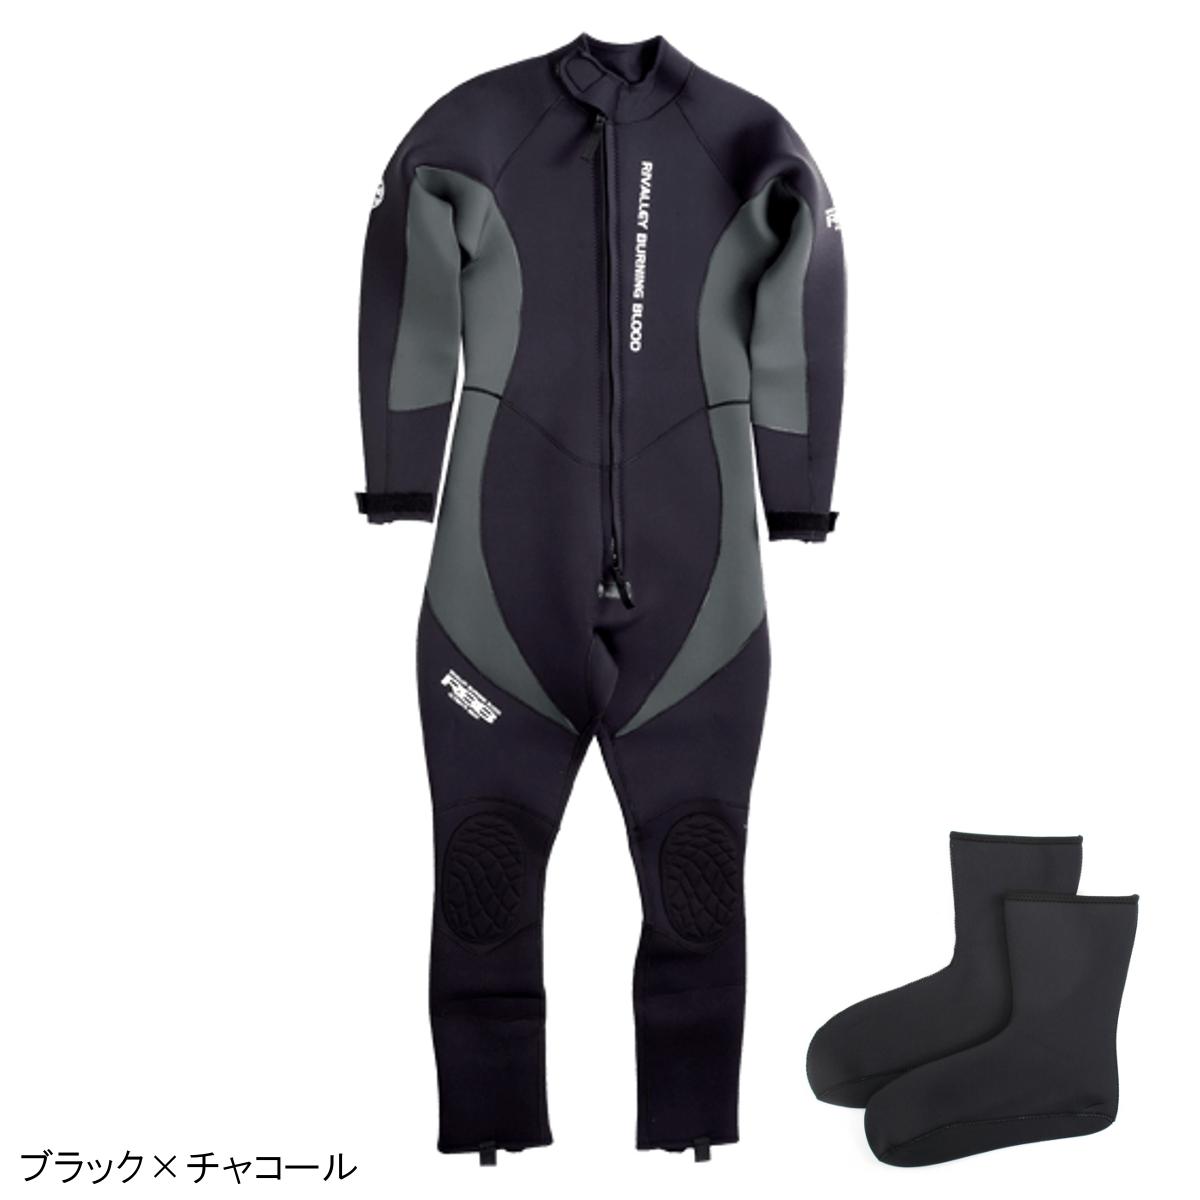 RBB ウェットスーツII No.8779 L ブラック×チャコール【送料無料】